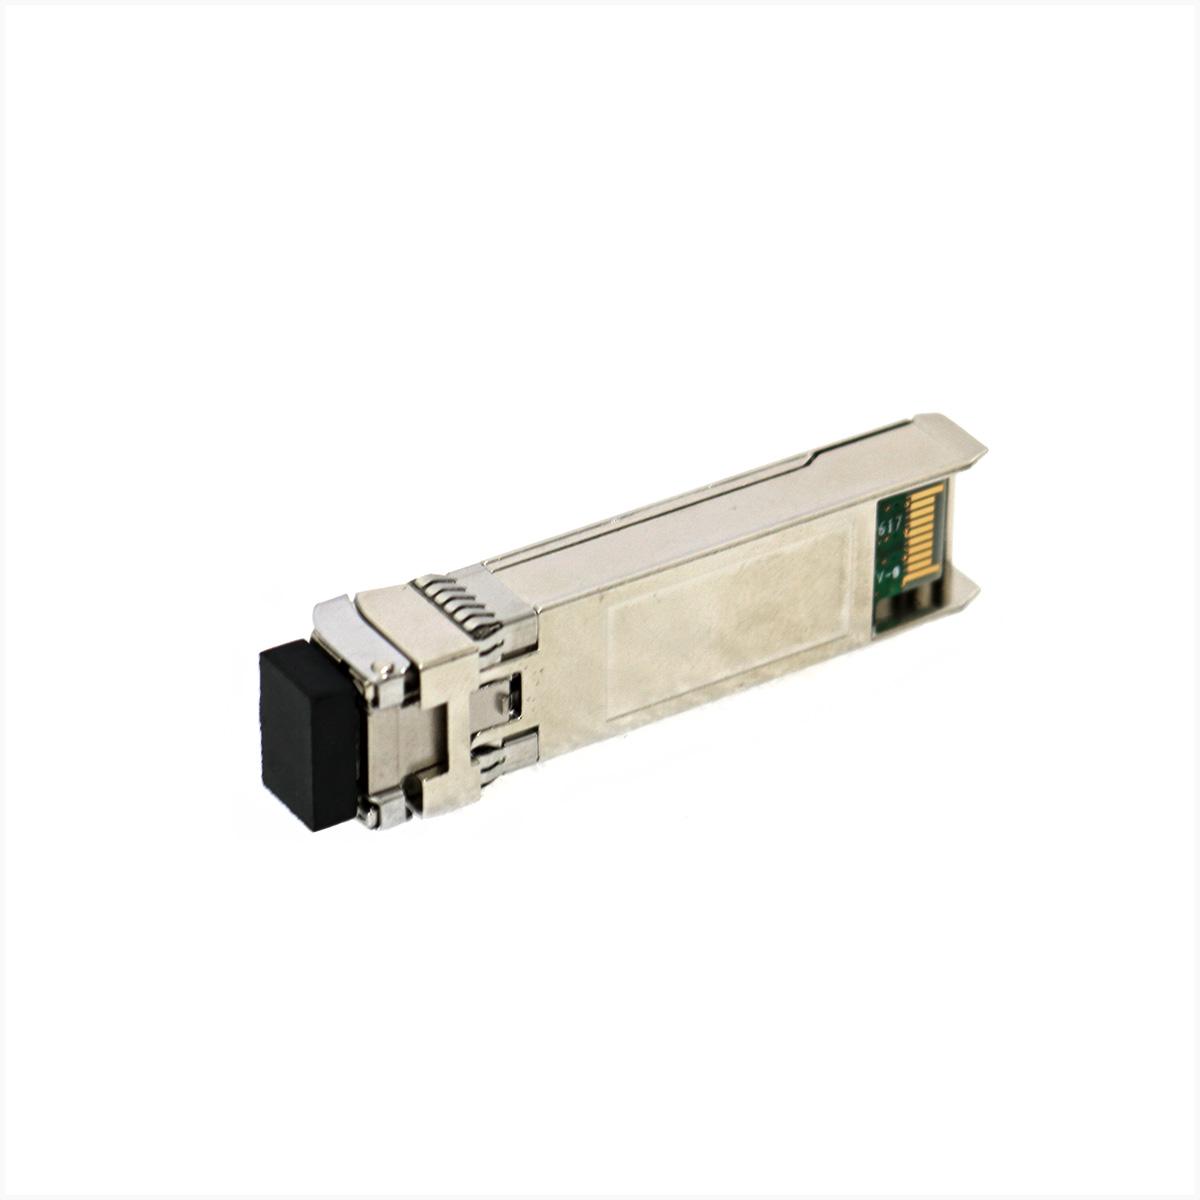 Transceiver Óptico Gbic 10gb Sfp + ftlx8571d3bcv31 - usado